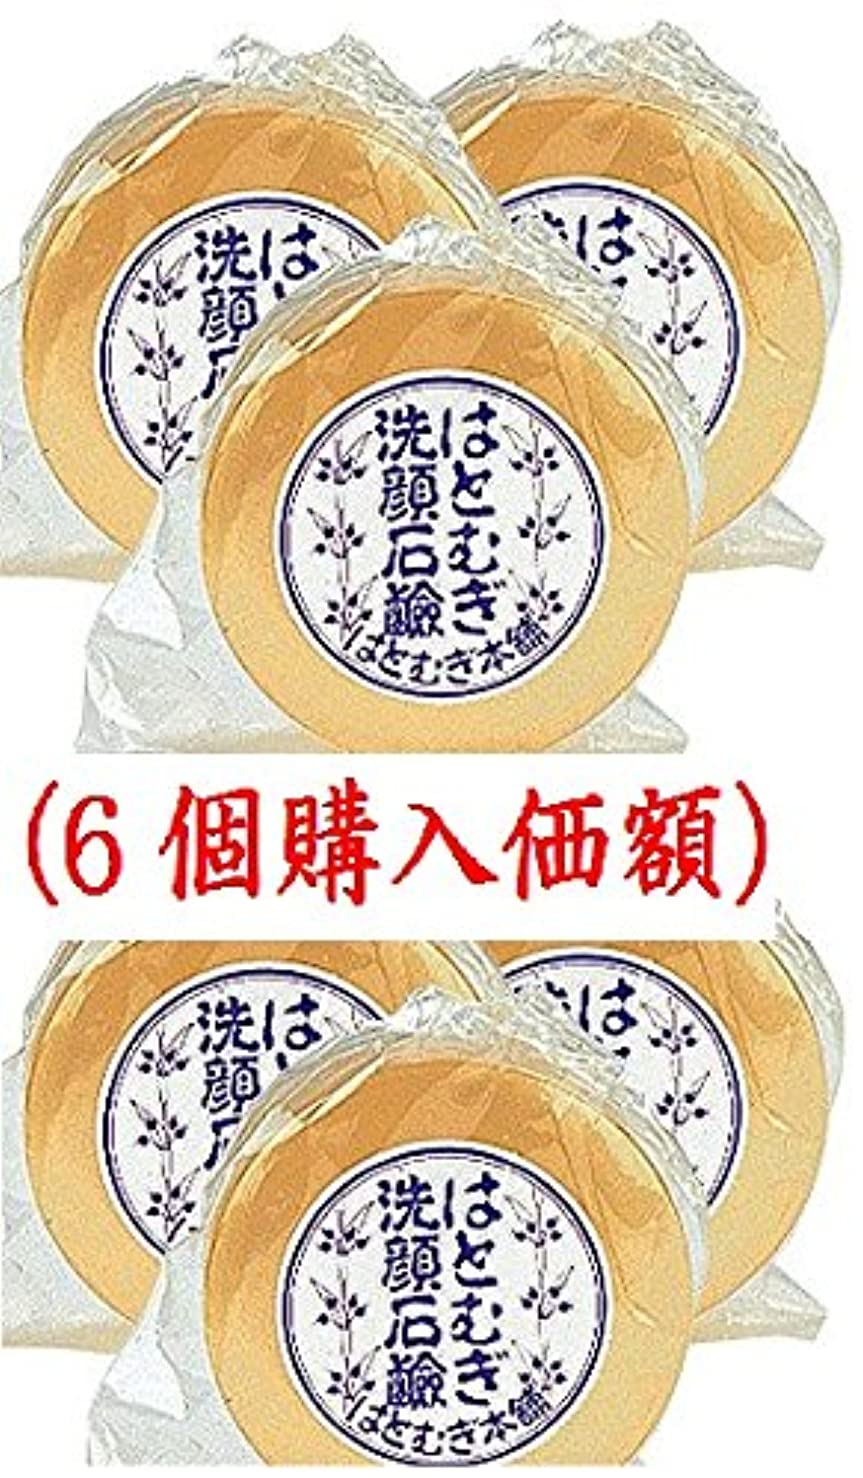 天国基準進化はとむぎ洗顔石鹸(6個購入価額)皇漢薬品研究所